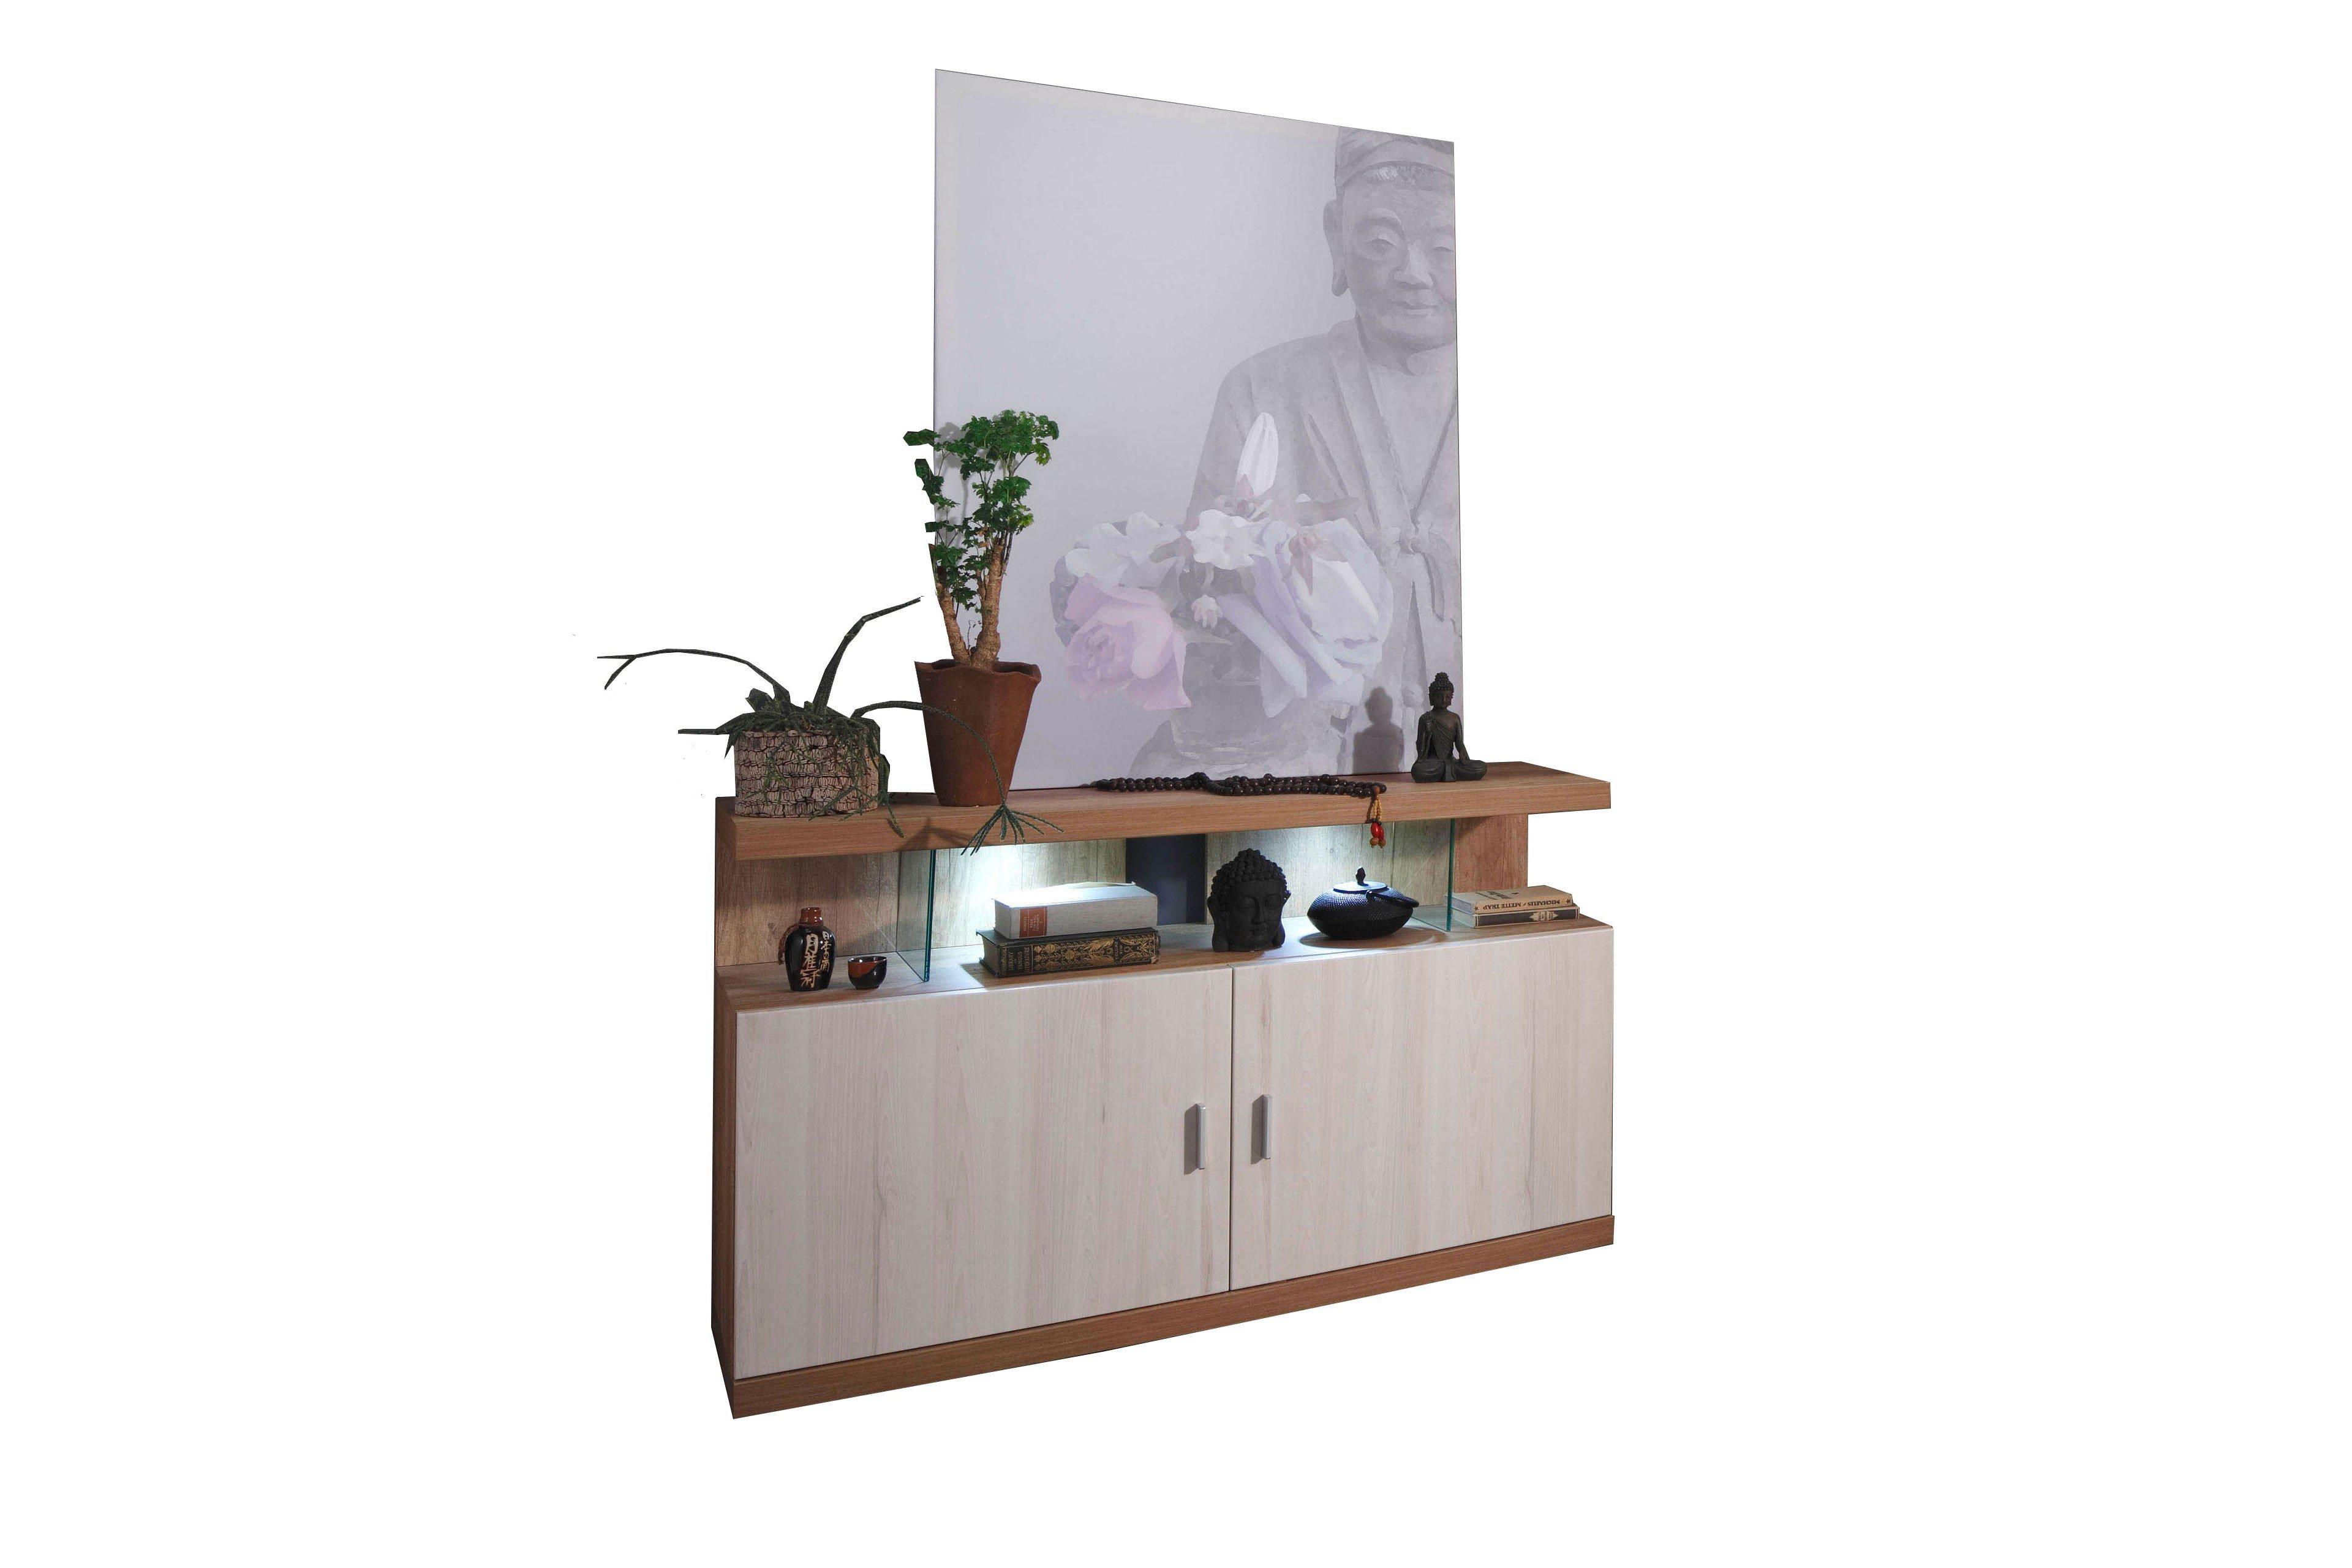 prenneis sideboard montreal plus 5330 goldeiche/ tokai | möbel, Badezimmer ideen